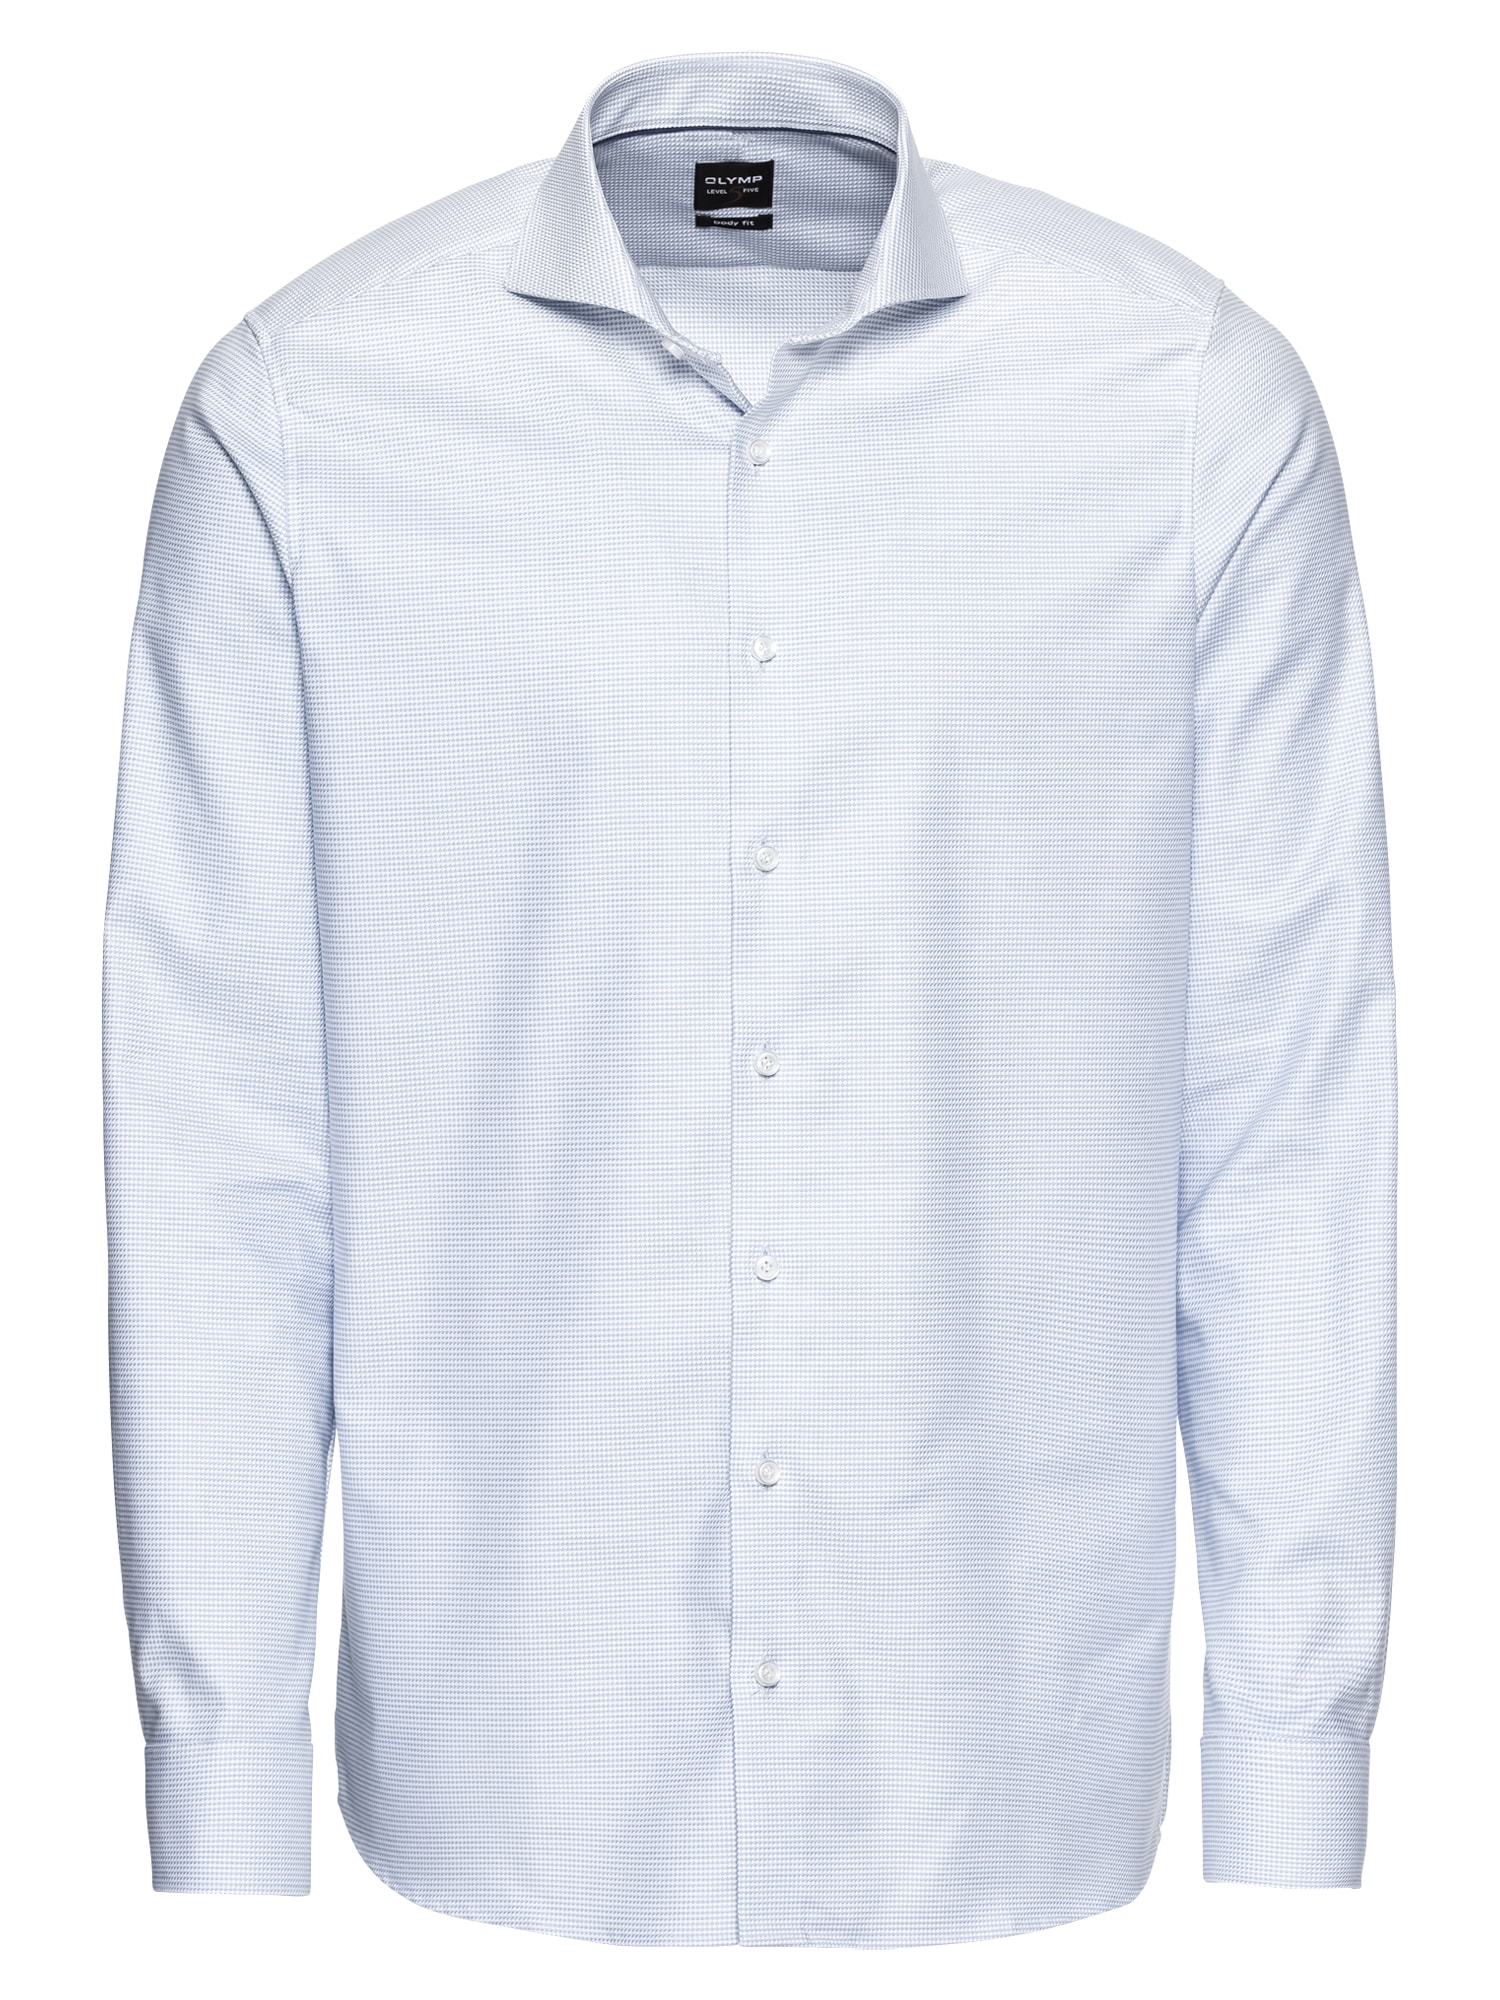 Společenská košile Level 5 Struktur Twill světlemodrá OLYMP